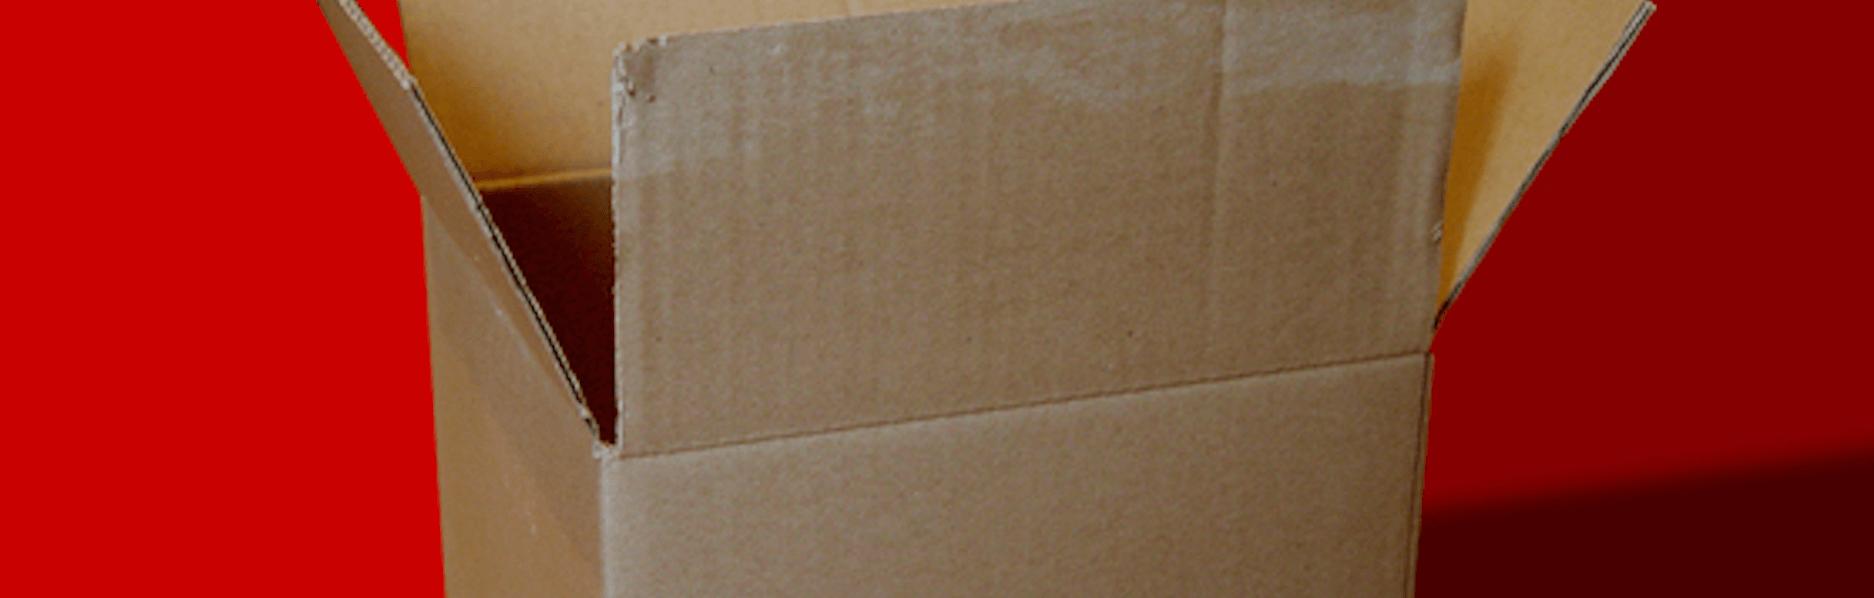 dmnager machine laver perfect yann et son van google unique dmnager un canap with dmnager. Black Bedroom Furniture Sets. Home Design Ideas